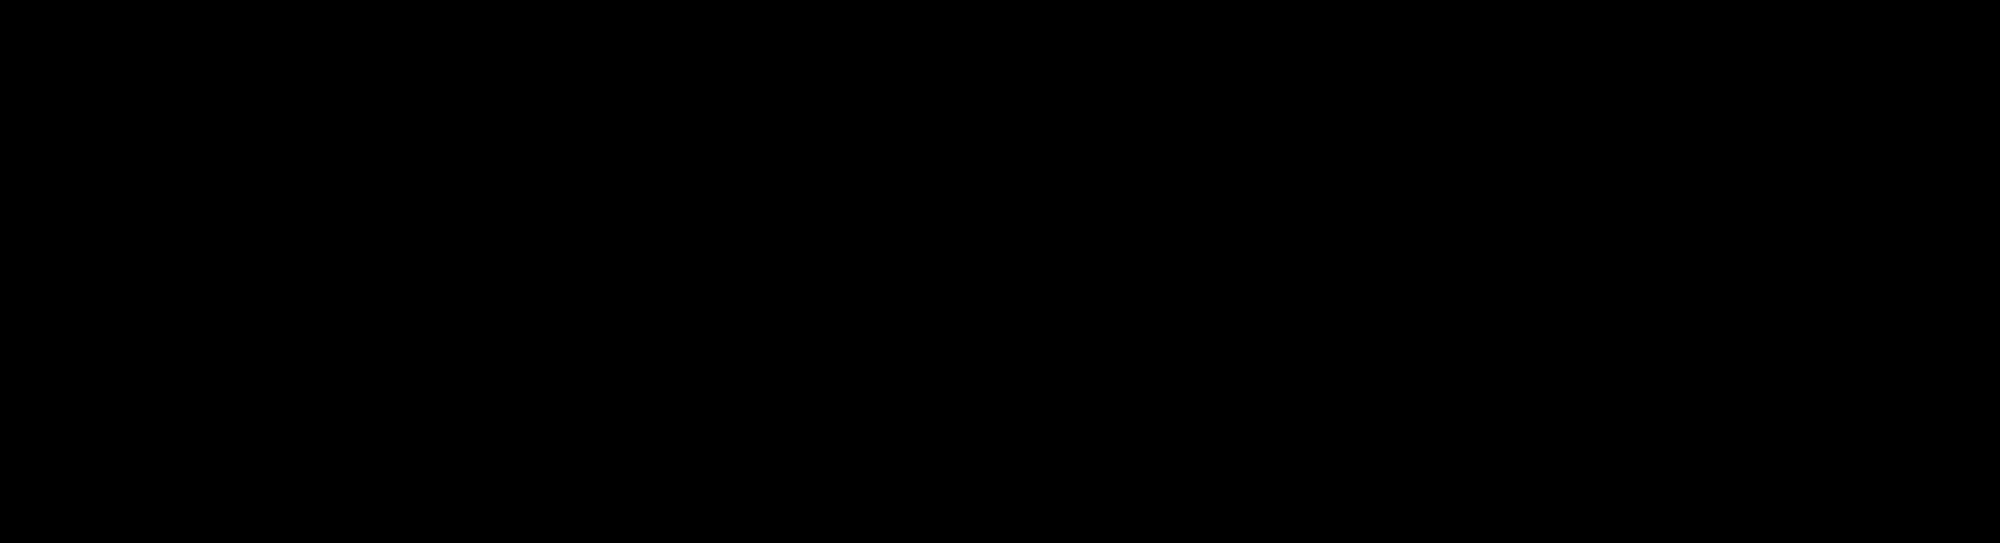 Ef79c678-0f86-4c36-ae74-e7fe79668bb8